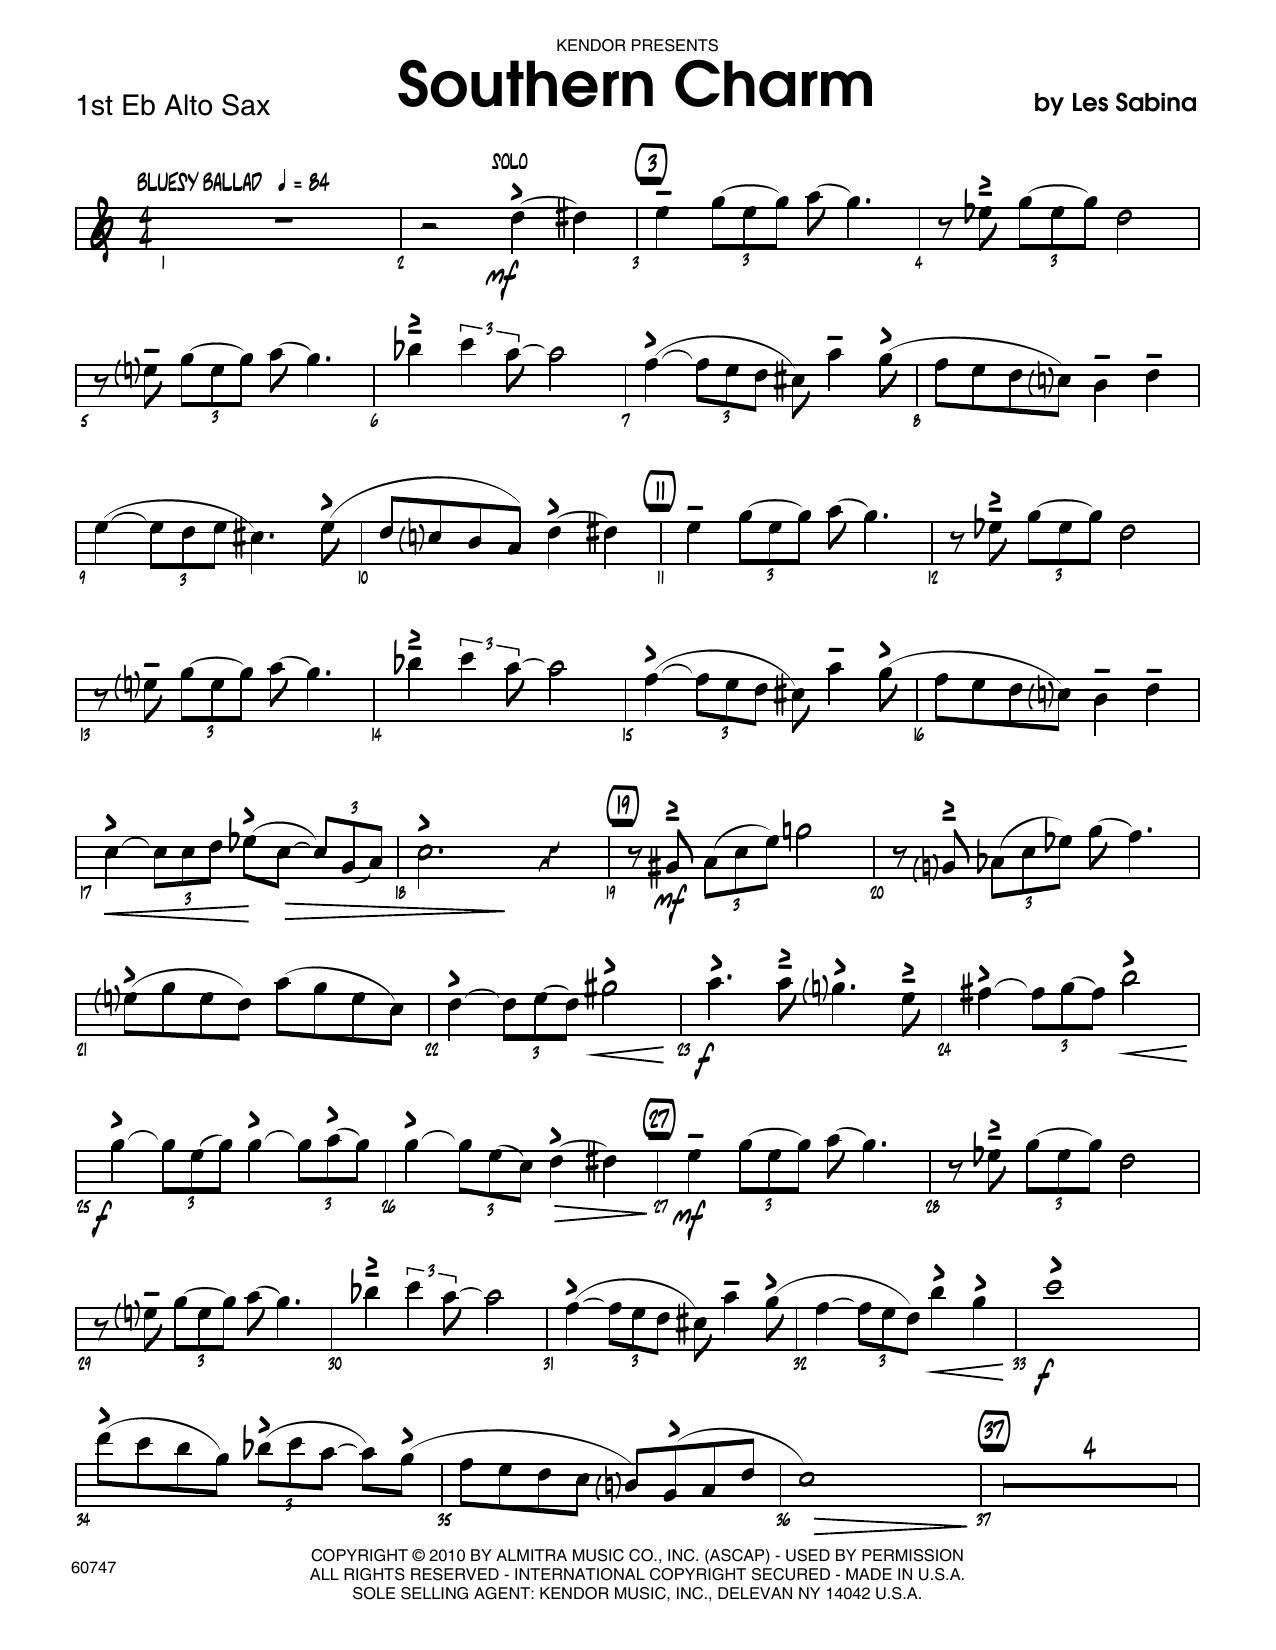 Southern Charm - 1st Eb Alto Saxophone Sheet Music